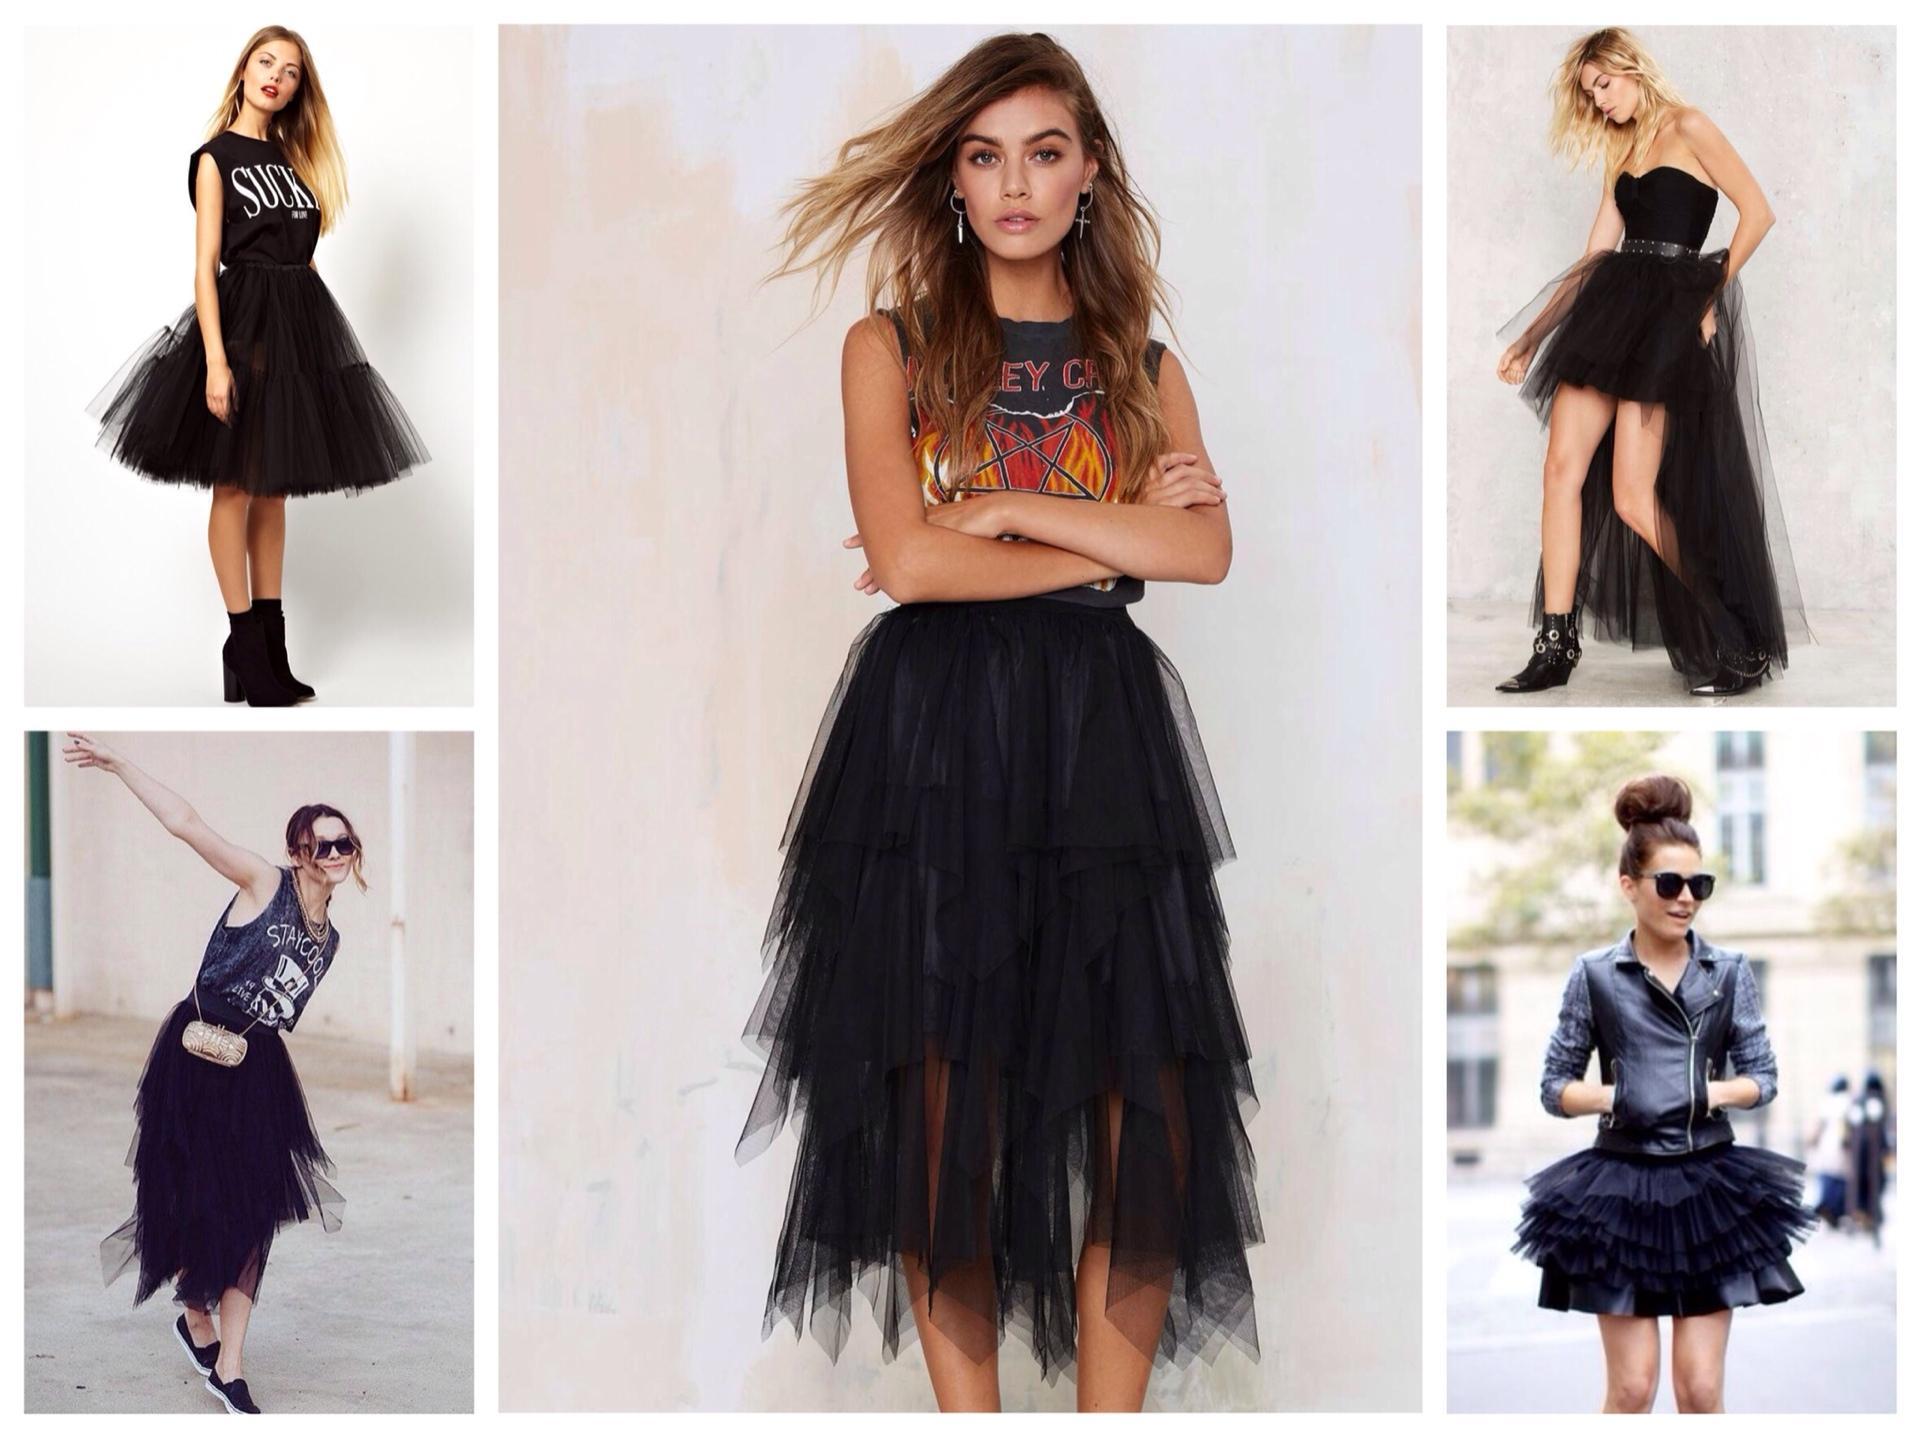 С чем надеть черную юбку в 2019 году